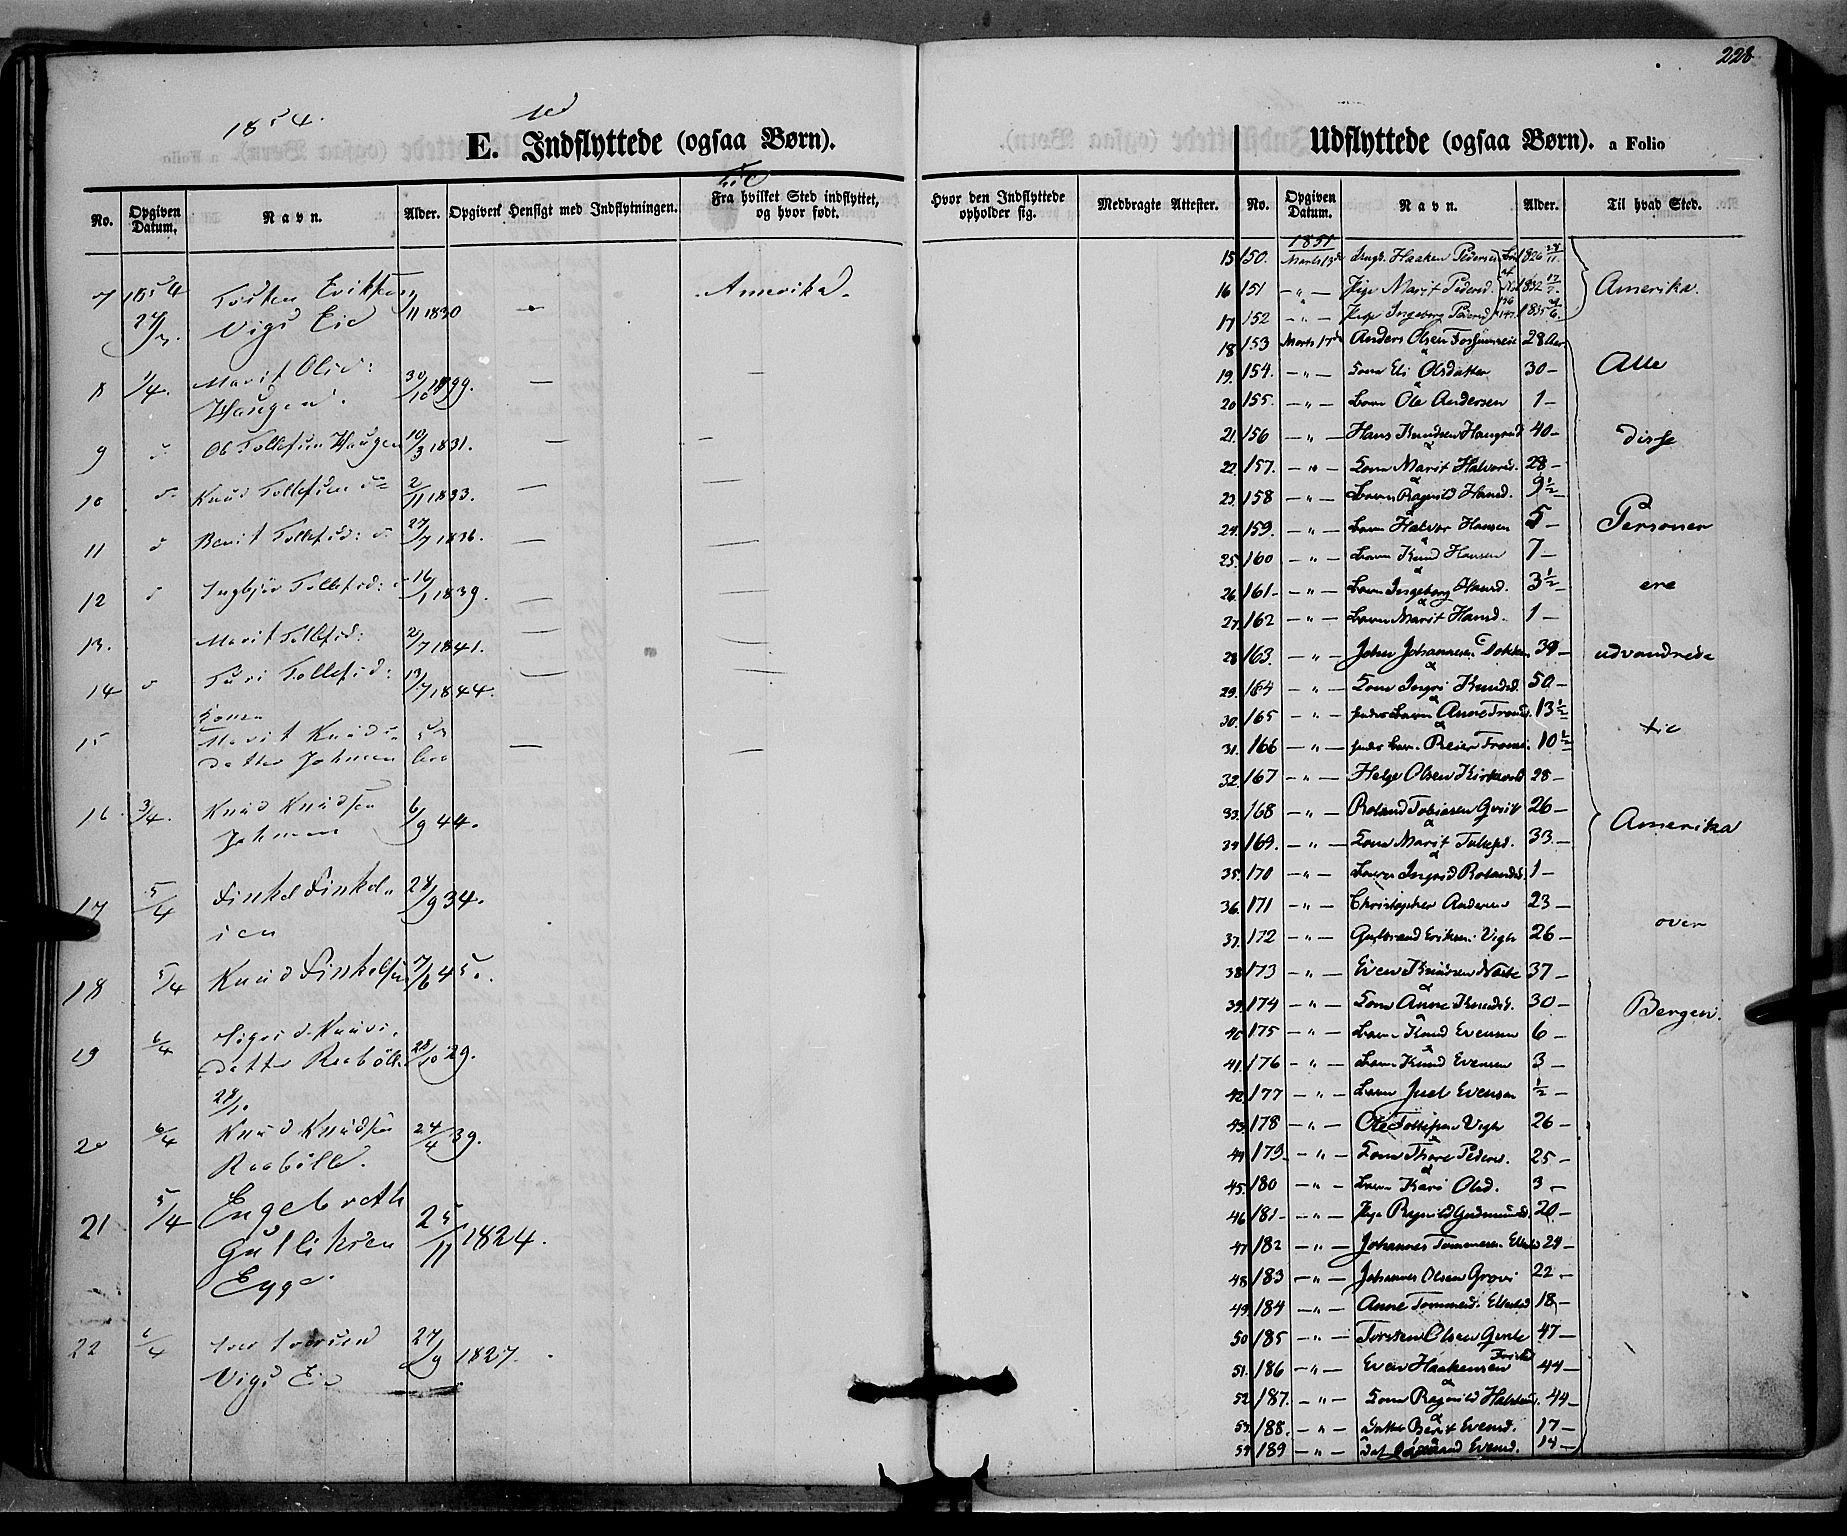 SAH, Vestre Slidre prestekontor, Parish register (official) no. 1, 1844-1855, p. 228